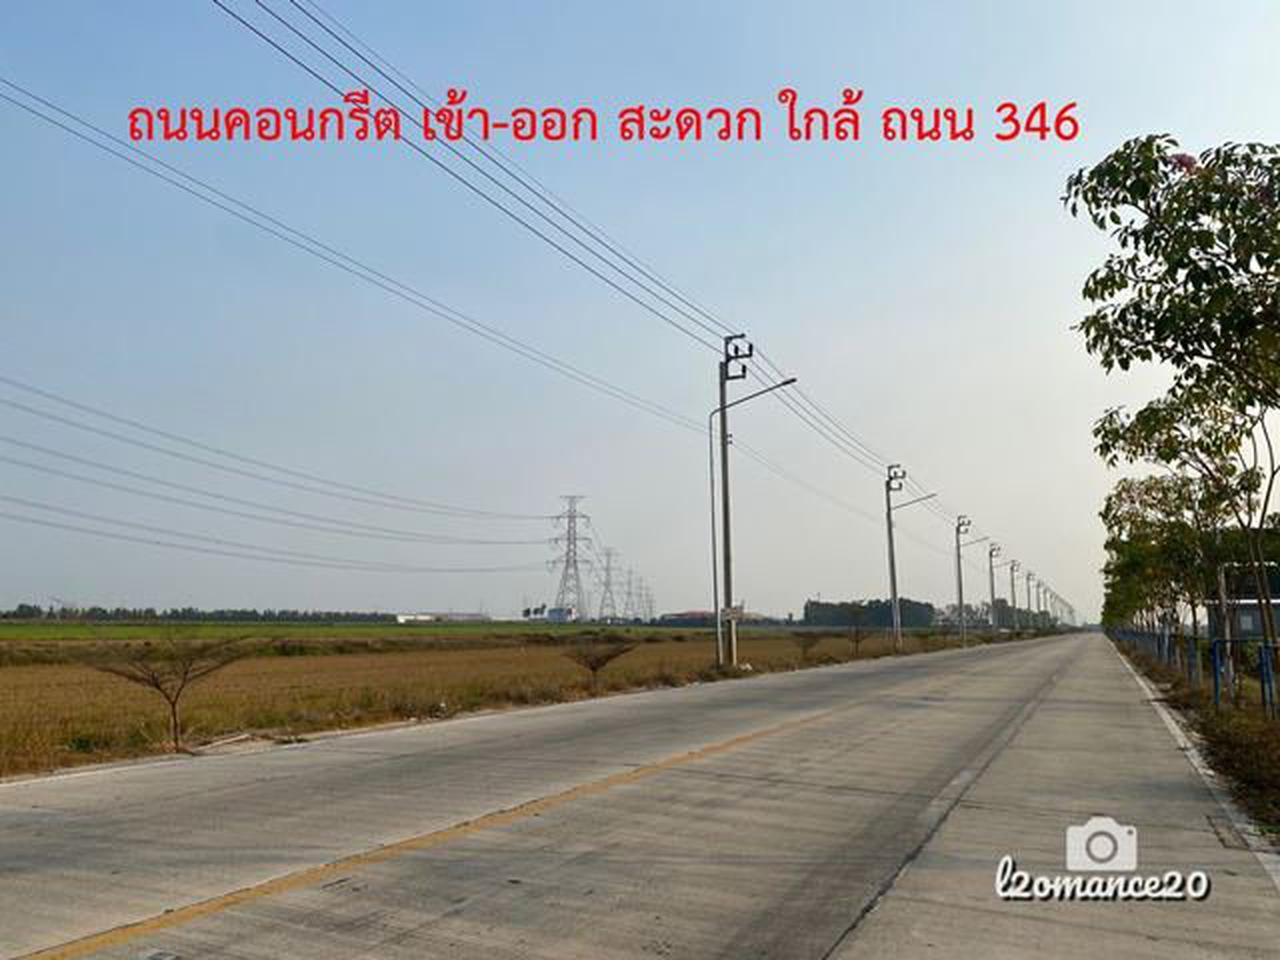 S301 ที่ดินแบ่งขายราคาถูก ขนาด 10 ไร่ ไทรน้อย นนทบุรี ราคา 4 ล้านบาท/ไร่ รูปที่ 4